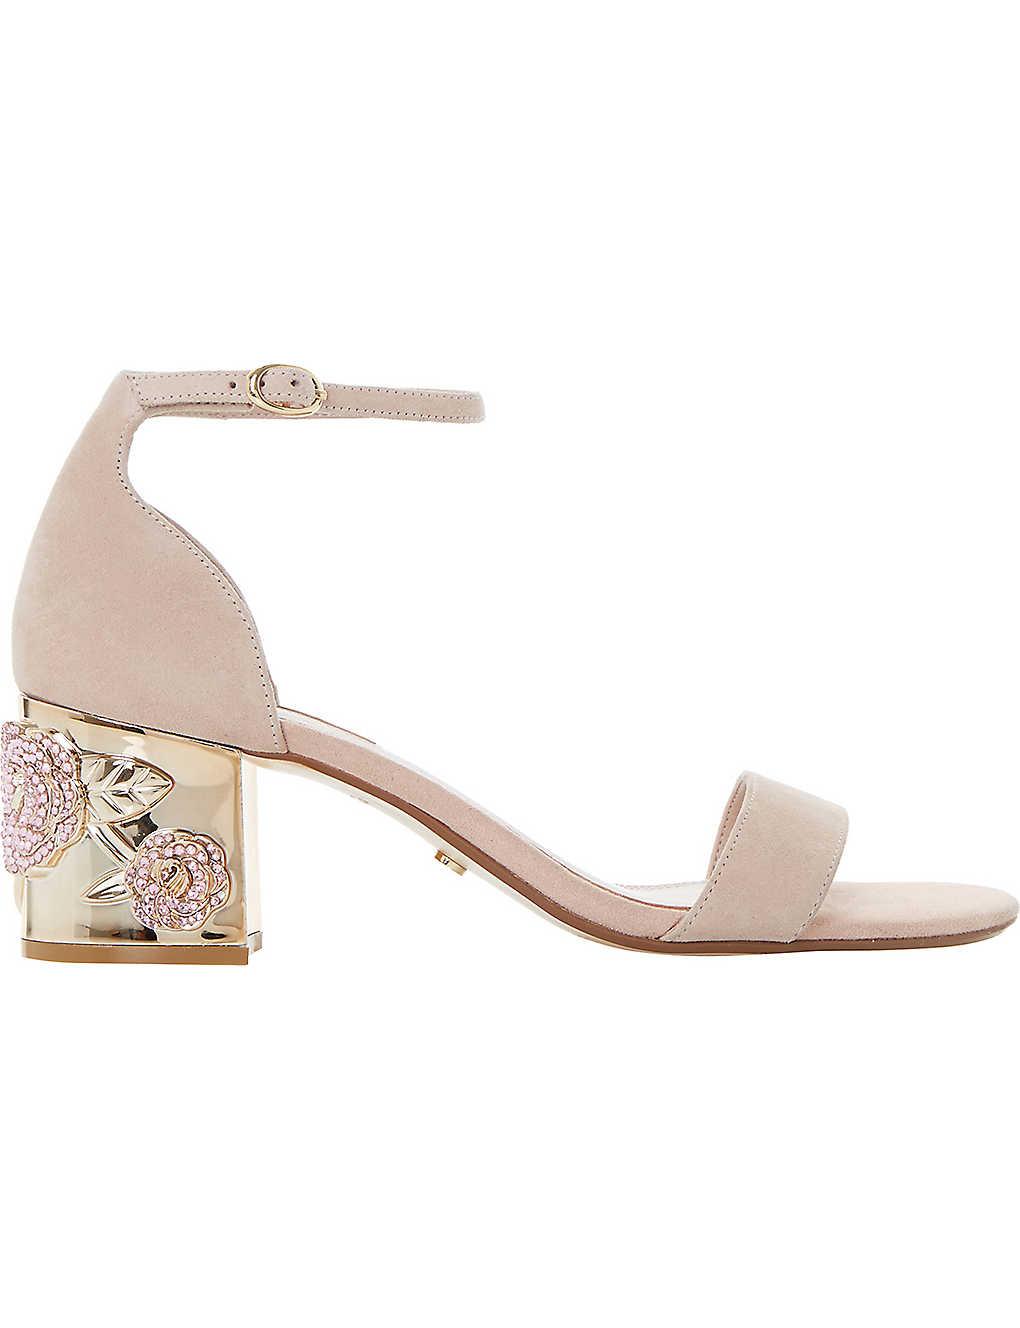 3229c9b309 DUNE - Maygo suede embellished sandals   Selfridges.com